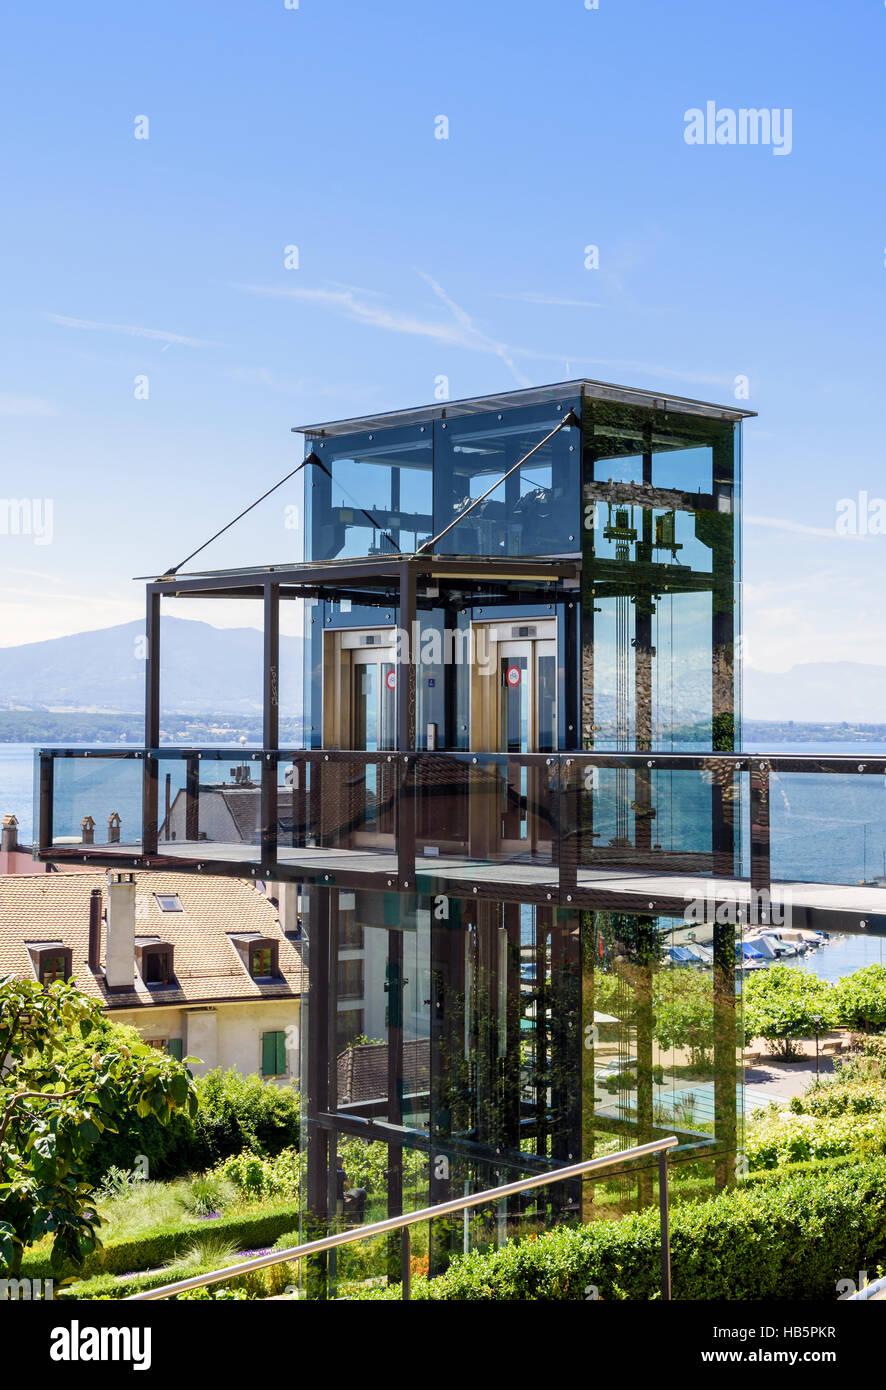 Extérieur en acier et verre panoramique ascenseur menant à une passerelle surélevée au-dessus Photo Stock